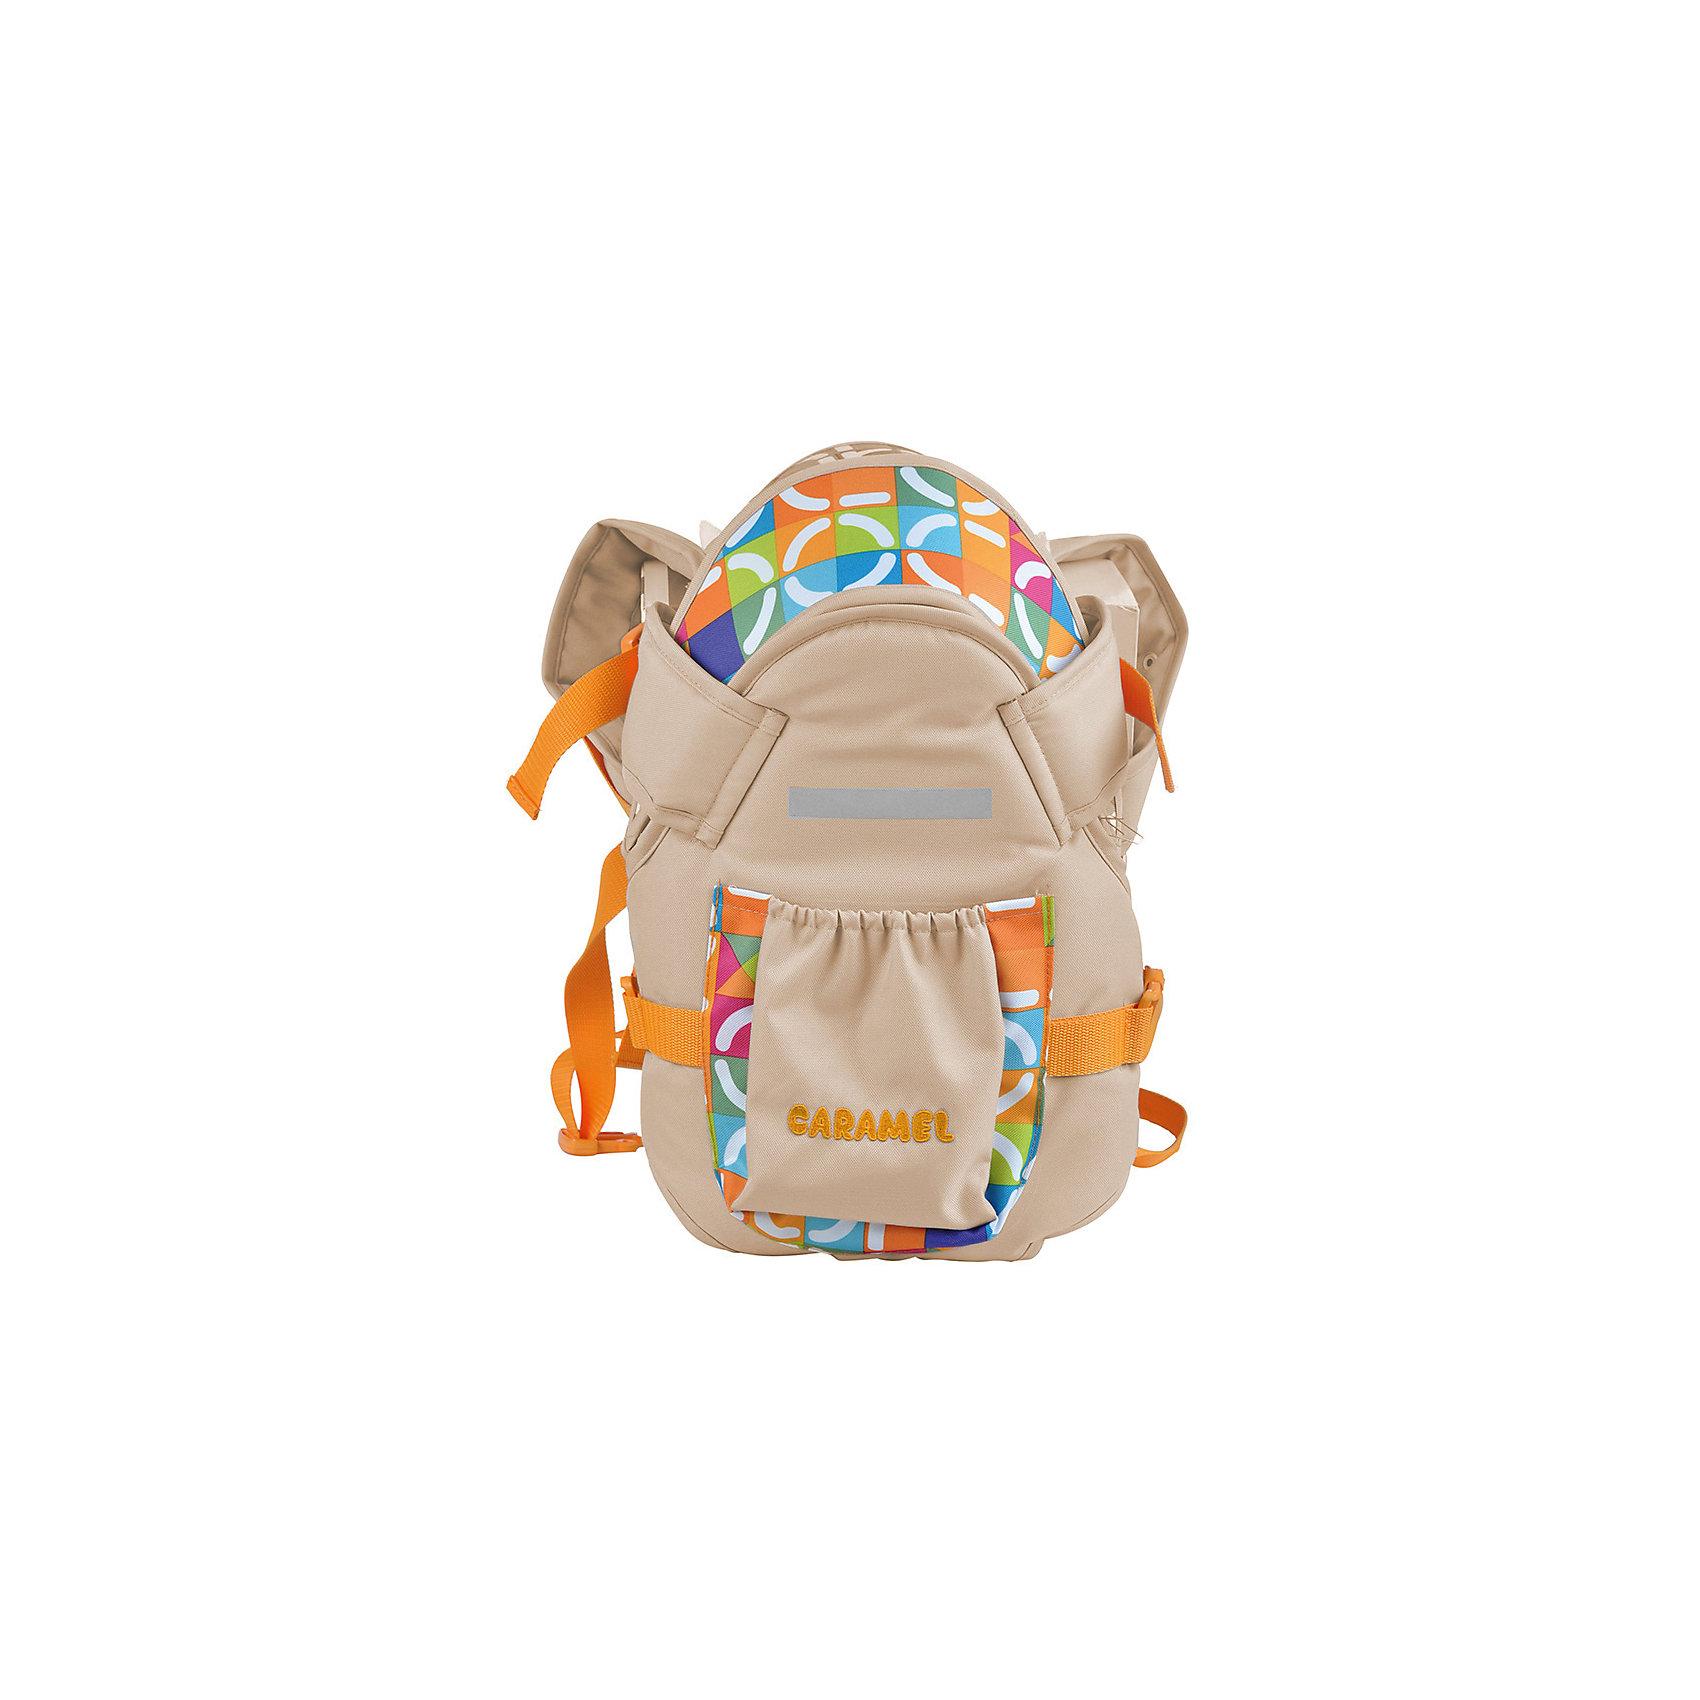 Рюкзак-кенгуру, Pituso, бежевыйСлинги и рюкзаки-переноски<br>Характеристики:<br><br>• жесткая спинка, которую можно снять;<br>• мягкие боковые полости;<br>• 5 вариантов использования: ребенок лицом к маме, спиной к маме, в положении «лежа»;<br>• допустимая нагрузка: до 9,5 кг;<br>• возраст ребенка: от 1 месяца до 10 месяцев;<br>• мягкие плечевые и нагрудные лямки;<br>• прочные ремни регулируются по длине;<br>• рюкзак оснащен съемным капюшоном;<br>• имеется кармашек для мелочей;<br>• дополнительные аксессуары: съемный нагрудник, держатель для пустышки;<br>• материал: полиэстер, нетоксичный и гипоаллергенный;<br>• размер упаковки: 27х34х11 см;<br>• вес: 700 г.<br><br>Рюкзак-переноска для деток с первого месяца жизни оснащен надежной системой креплений. Ремни регулируются по всем направлениям, ребенок защищен как в положении «лицом к маме», так и в положении «спиной к маме». Нет необходимости дополнительно придерживать ребенка, руки мамочки остаются свободными. Равномерное распределение нагрузки снижает болевые ощущения в спине, поясничном, шейном и грудном отделах. Рюкзак-кенгуру можно использовать до 10-12 месяцев, при условии, что вес ребенка не превышает 9,5 кг.  <br><br>Рюкзак-кенгуру, Pituso, бежевый можно купить в нашем интернет-магазине.<br><br>Ширина мм: 270<br>Глубина мм: 340<br>Высота мм: 110<br>Вес г: 700<br>Возраст от месяцев: 1<br>Возраст до месяцев: 10<br>Пол: Унисекс<br>Возраст: Детский<br>SKU: 5563026